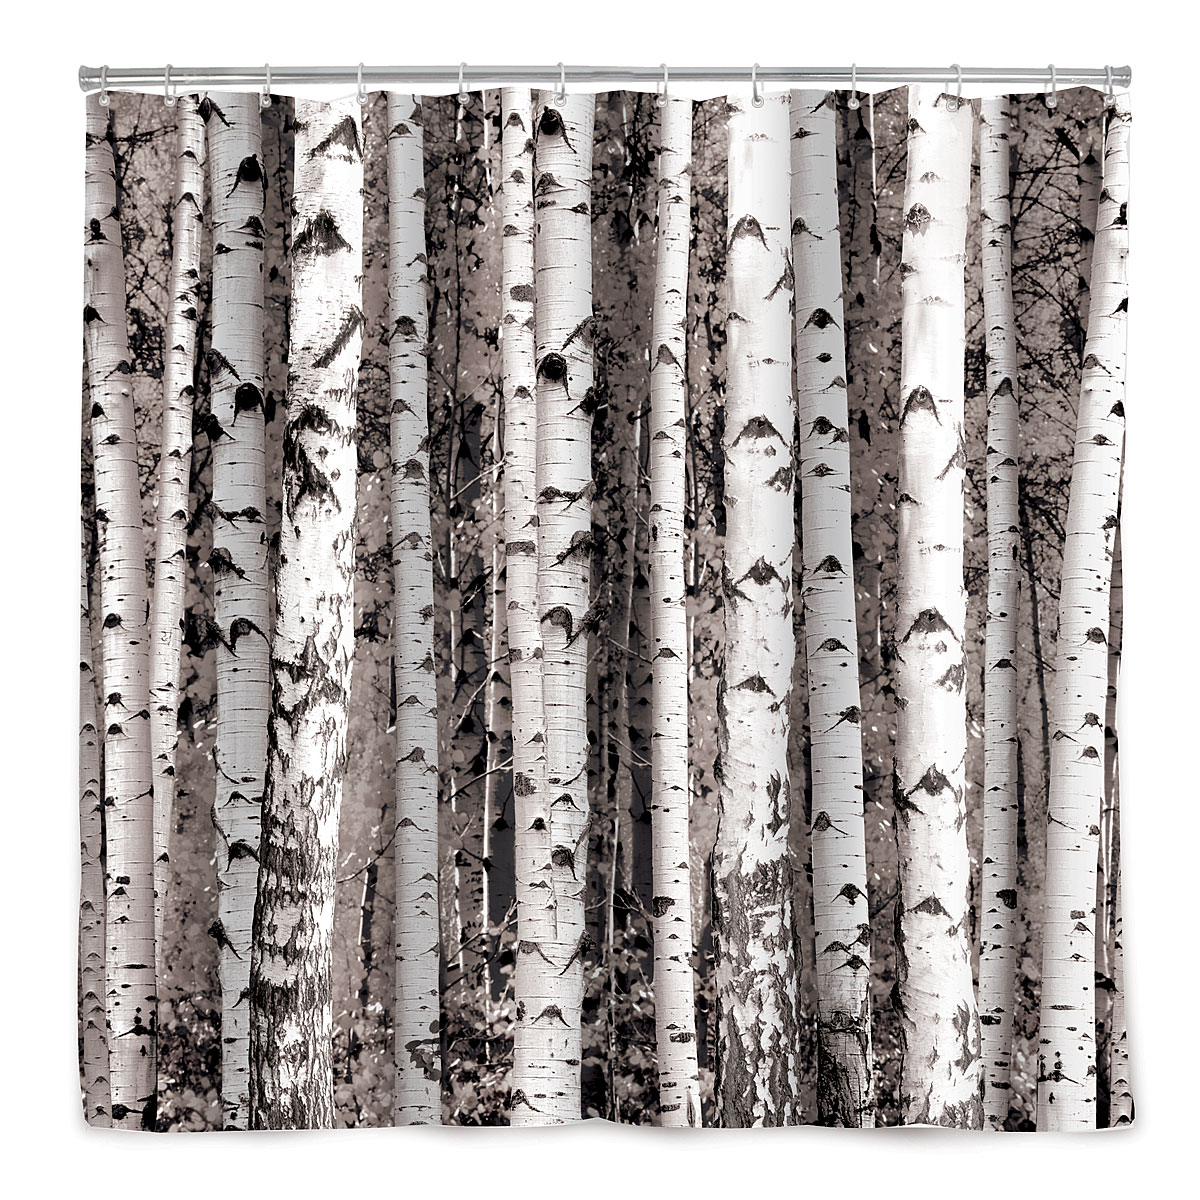 BIRCH FOREST SHOWER CURTAIN | Tree Décor, Bath Accessories ...